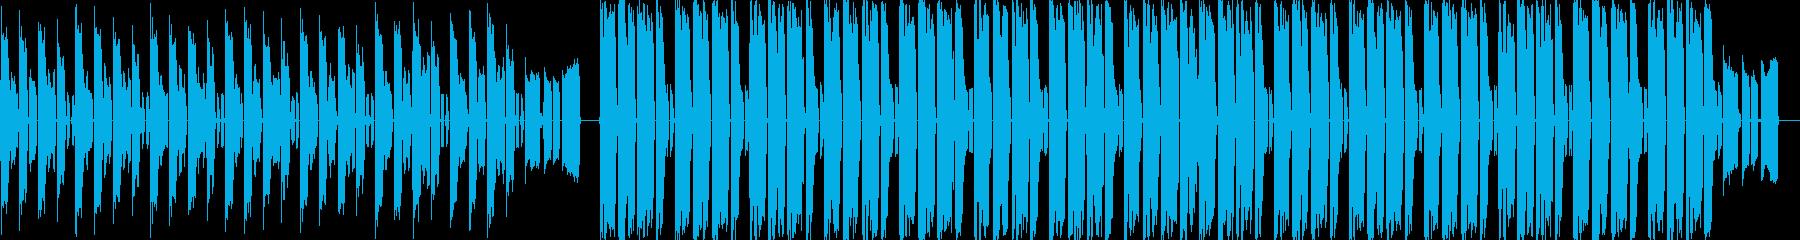 ピコピコ音のする4つ打ちBGMの再生済みの波形